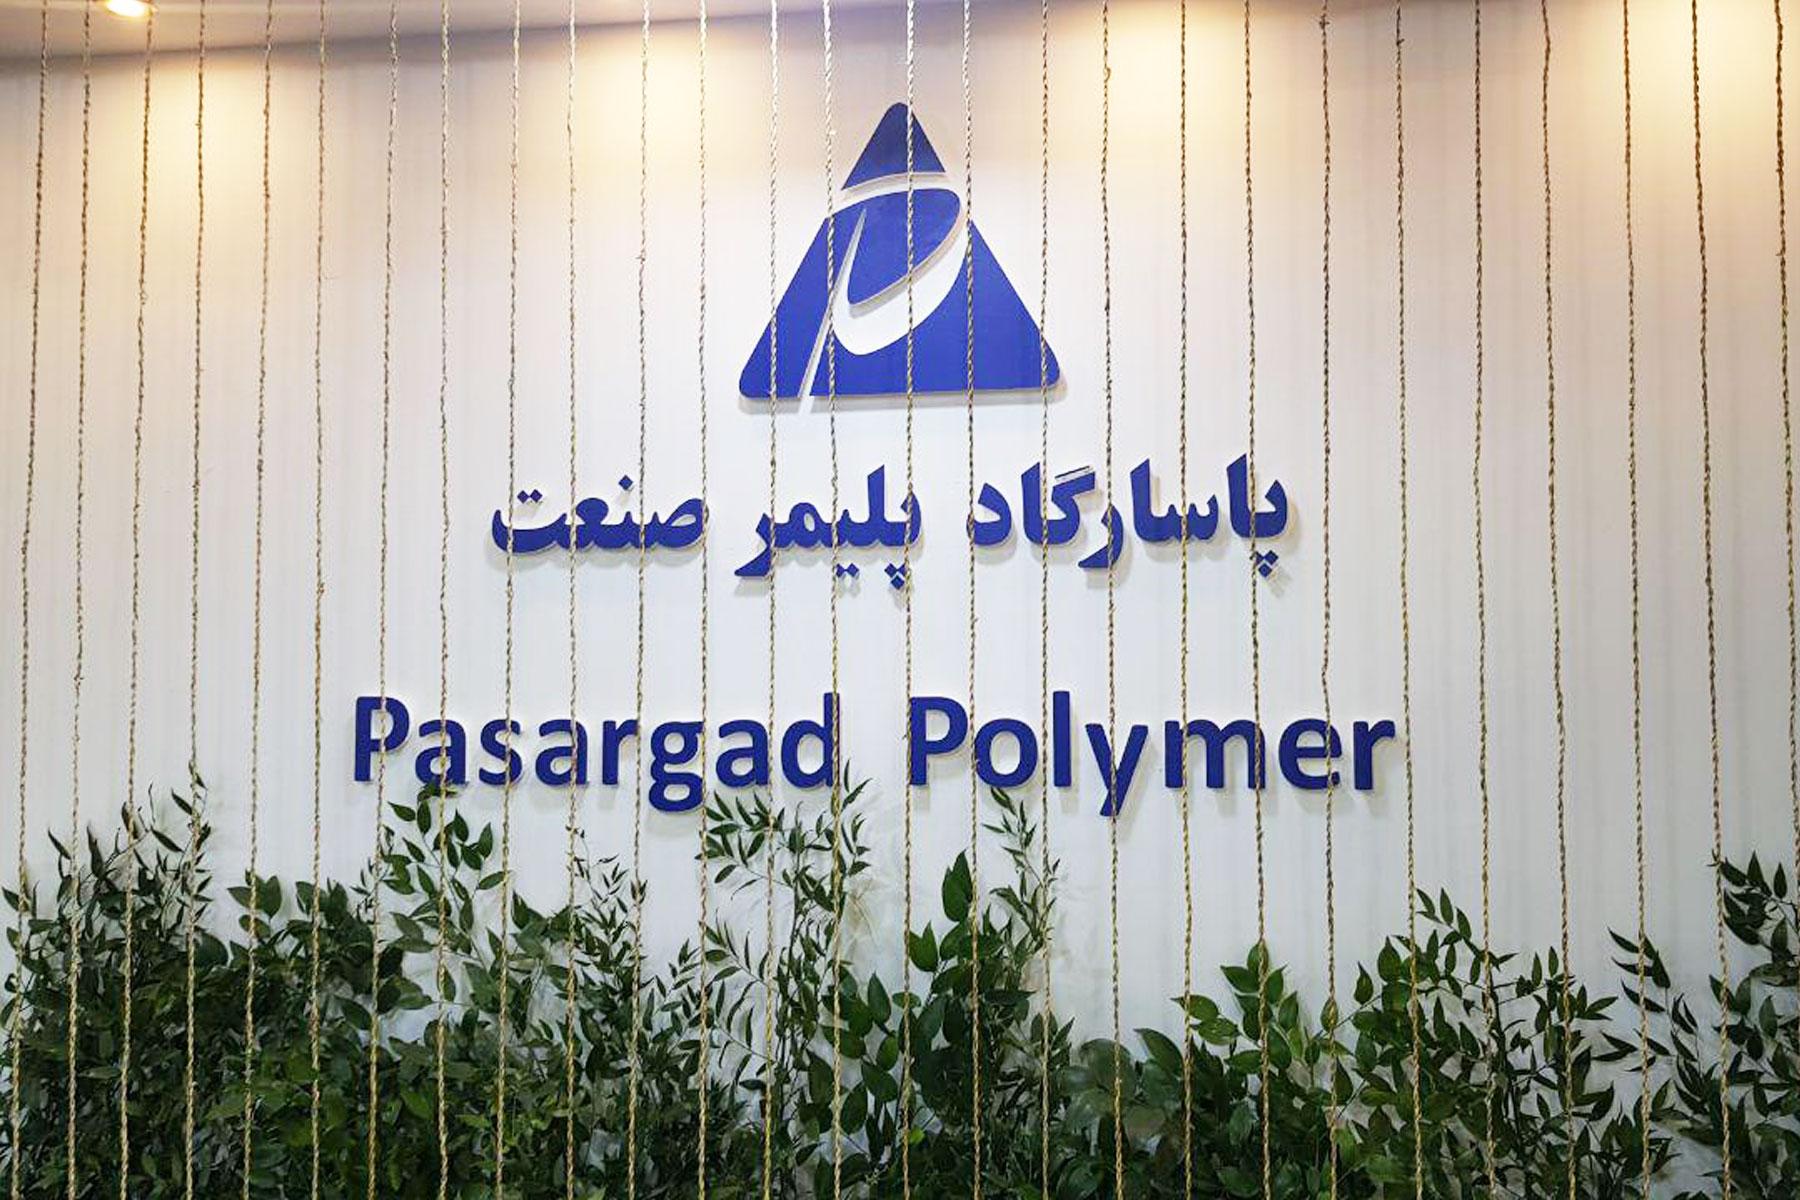 غرفه پاسارگاد پلیمر صنعت